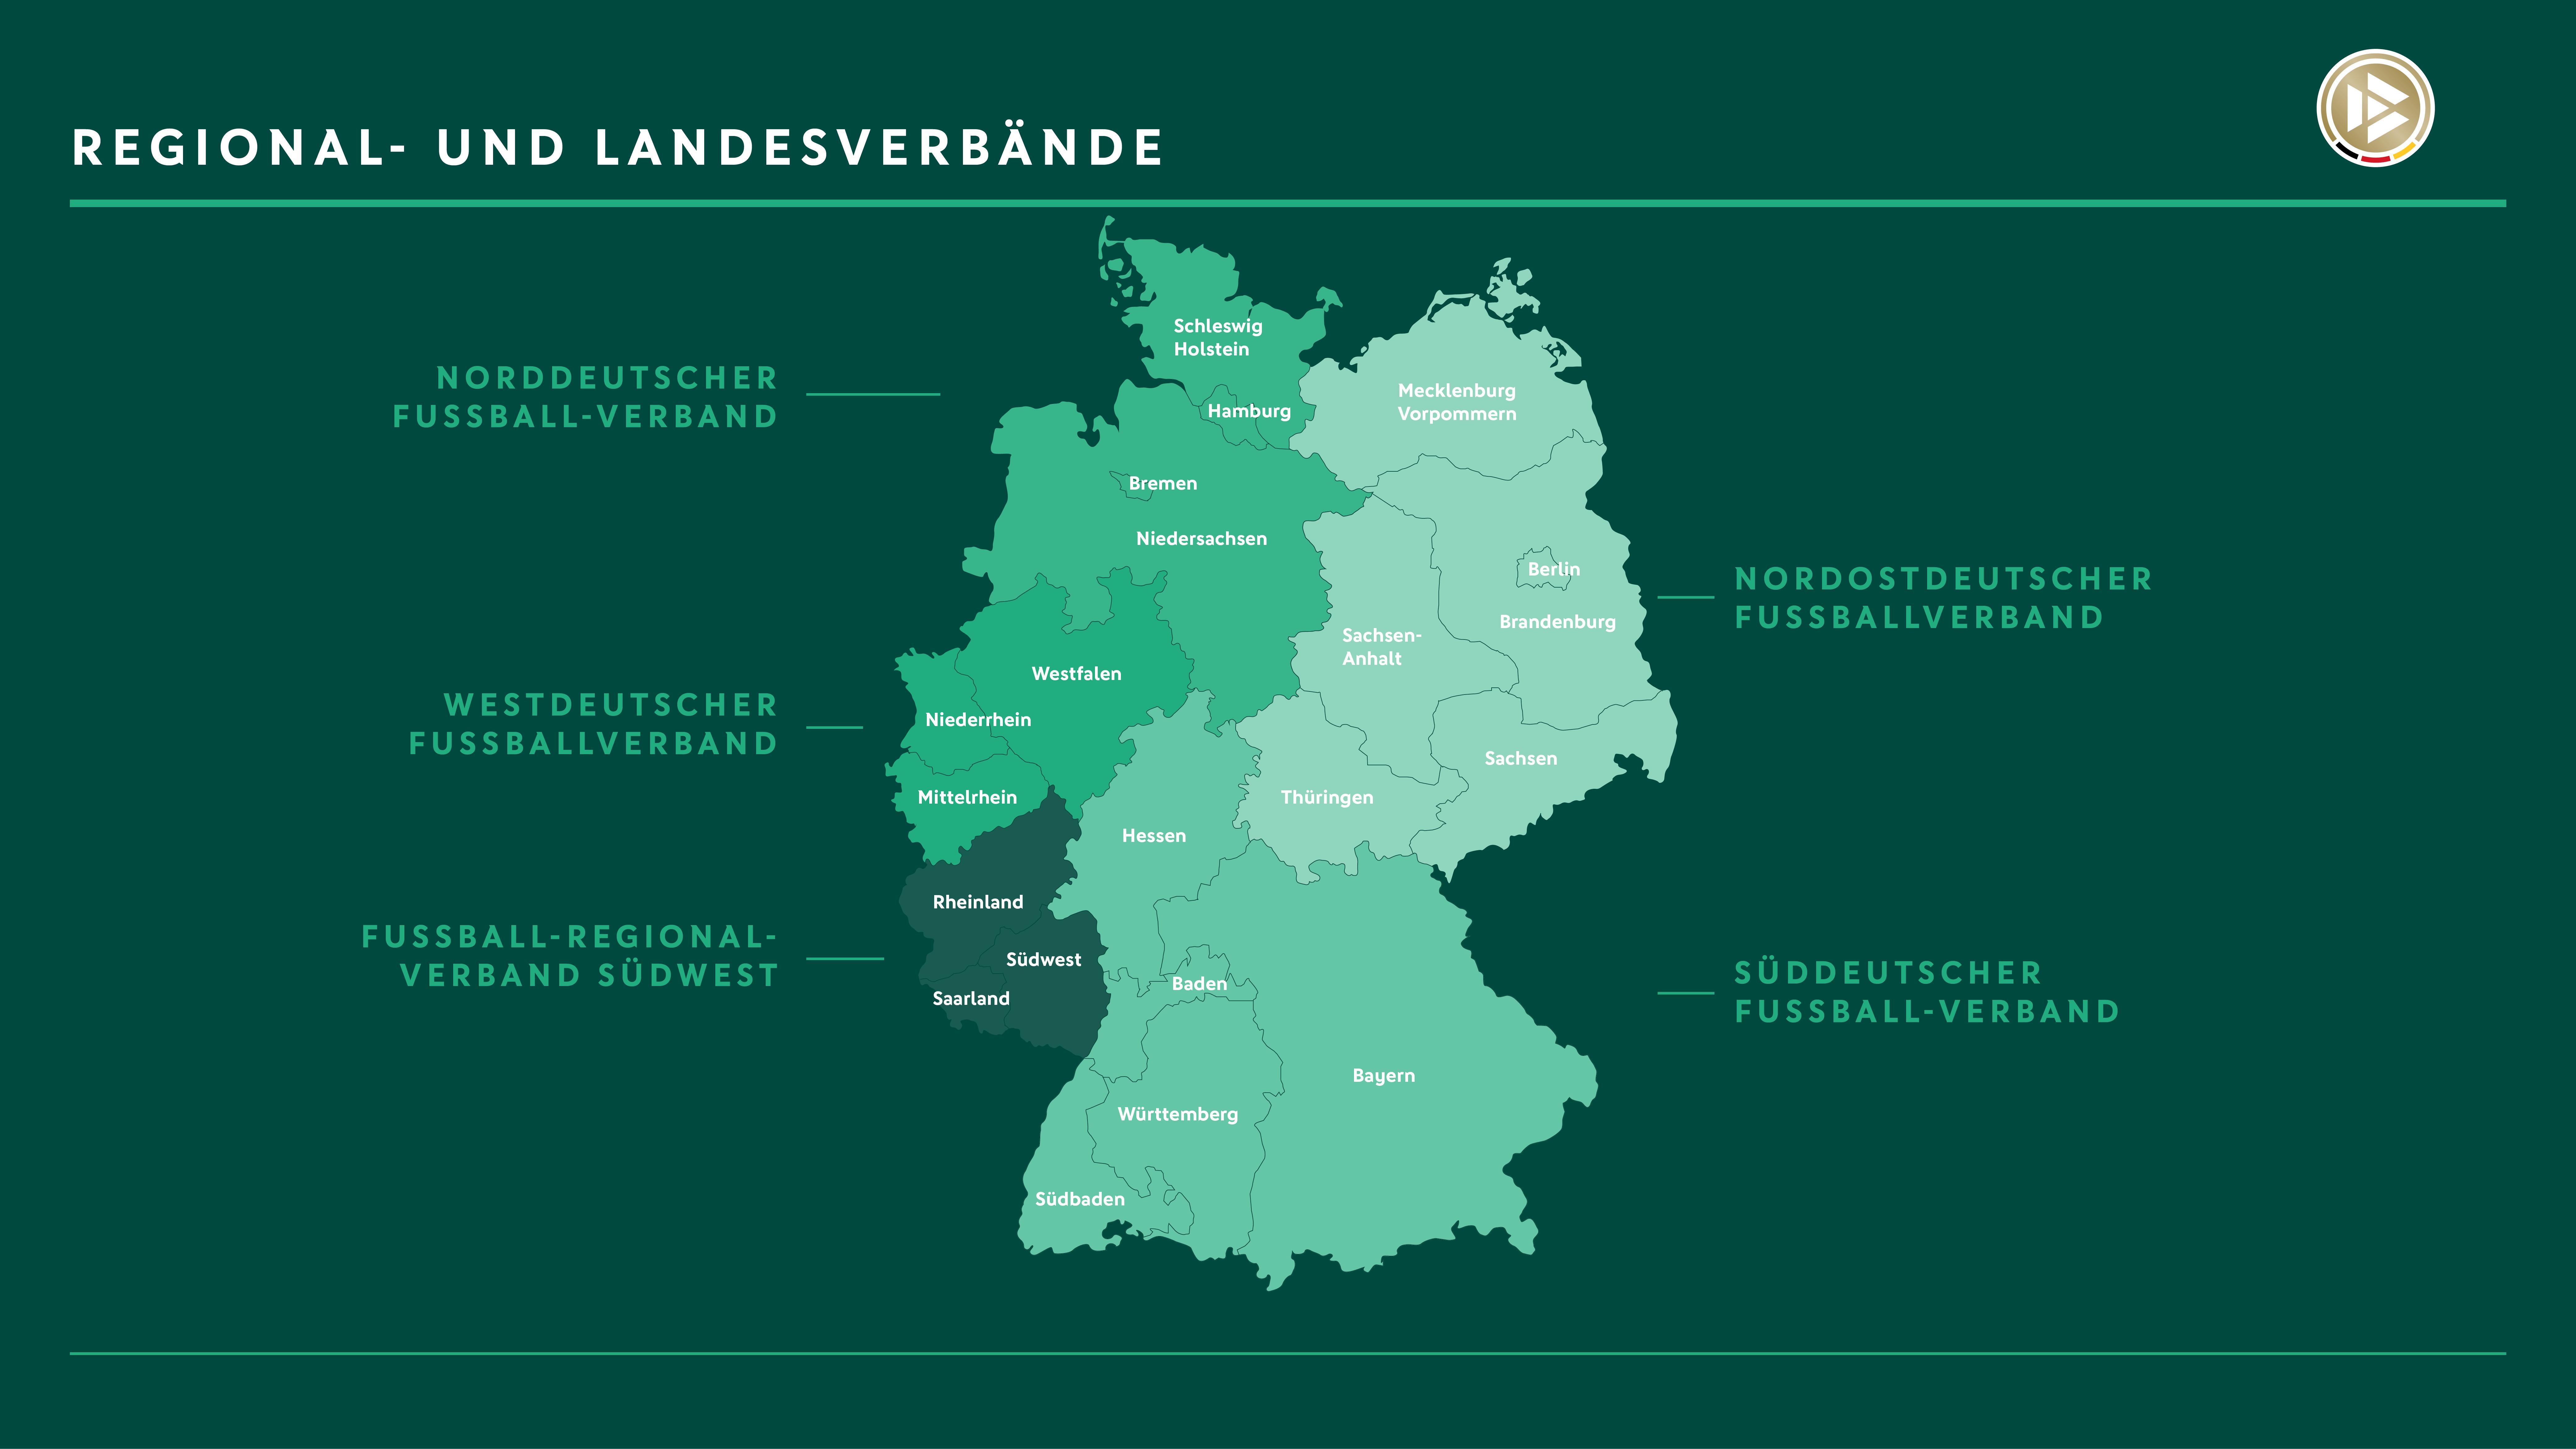 Darstellung der Regional- und Landesverbände auf der Landkarte von Deutschland.